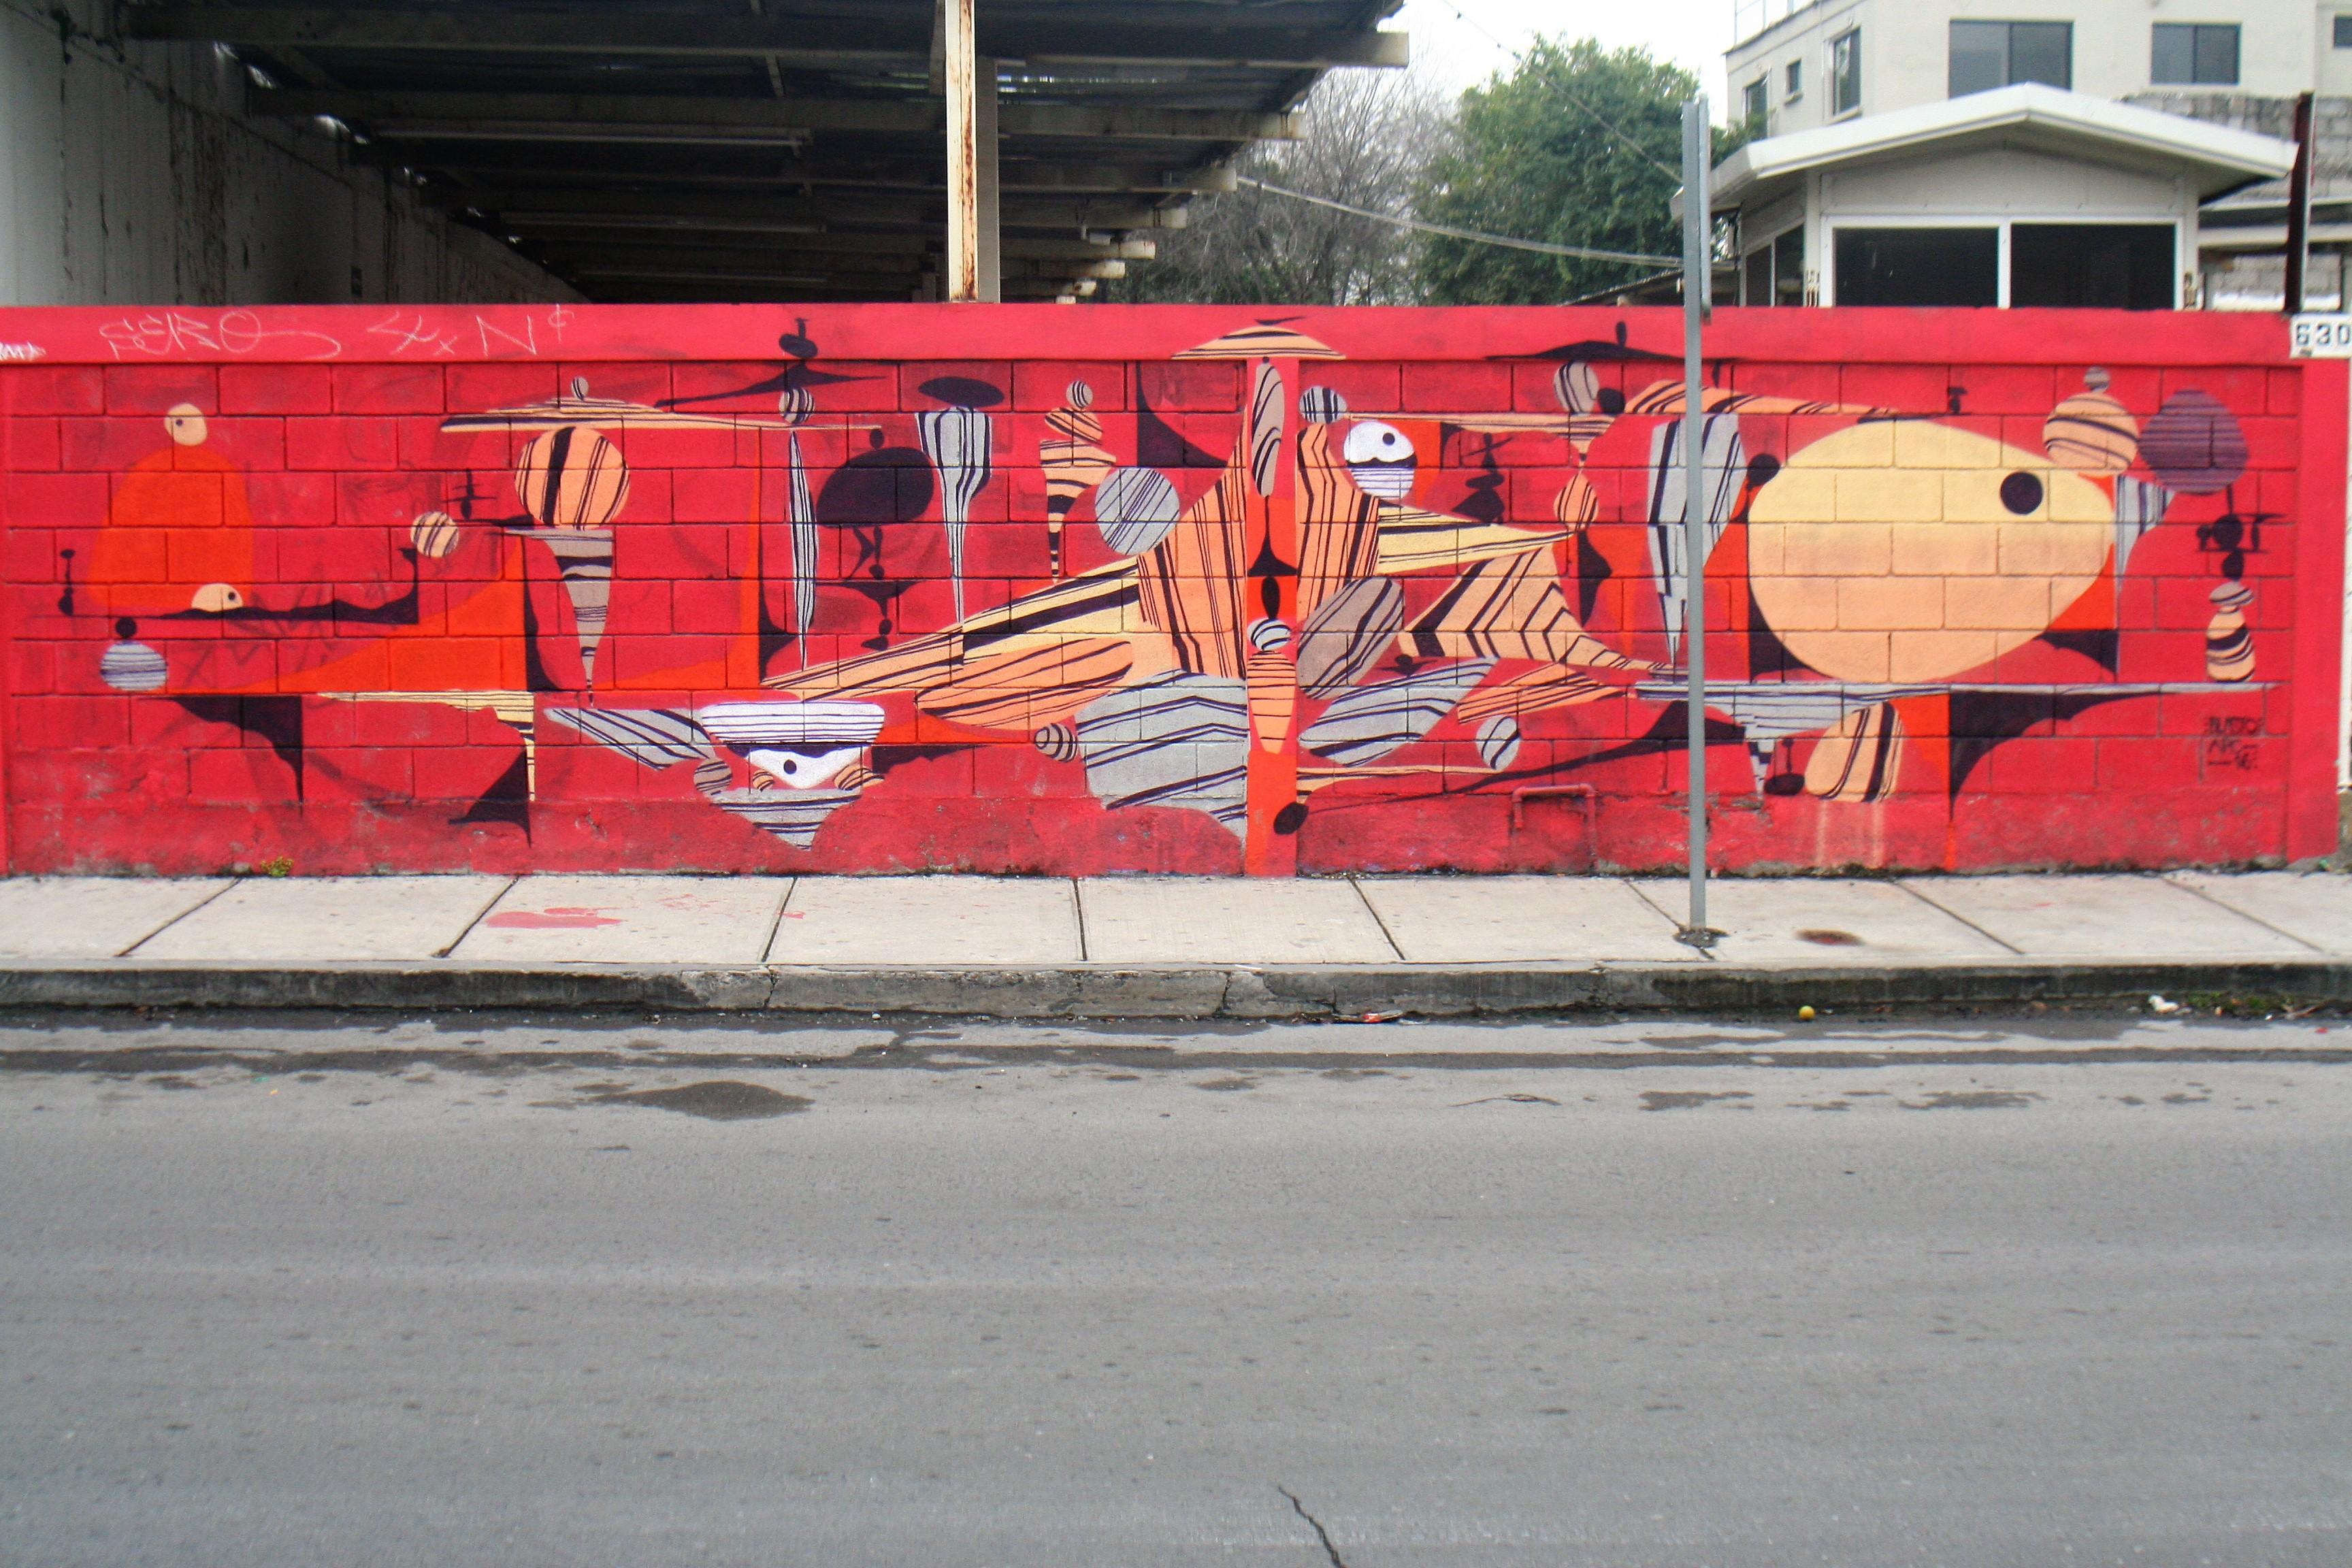 En tonos rojos, este mural nos incita a perdernos en él y entre sus formas que nos llevan a otra dimensión. / FOTO: Ada Rodríguez